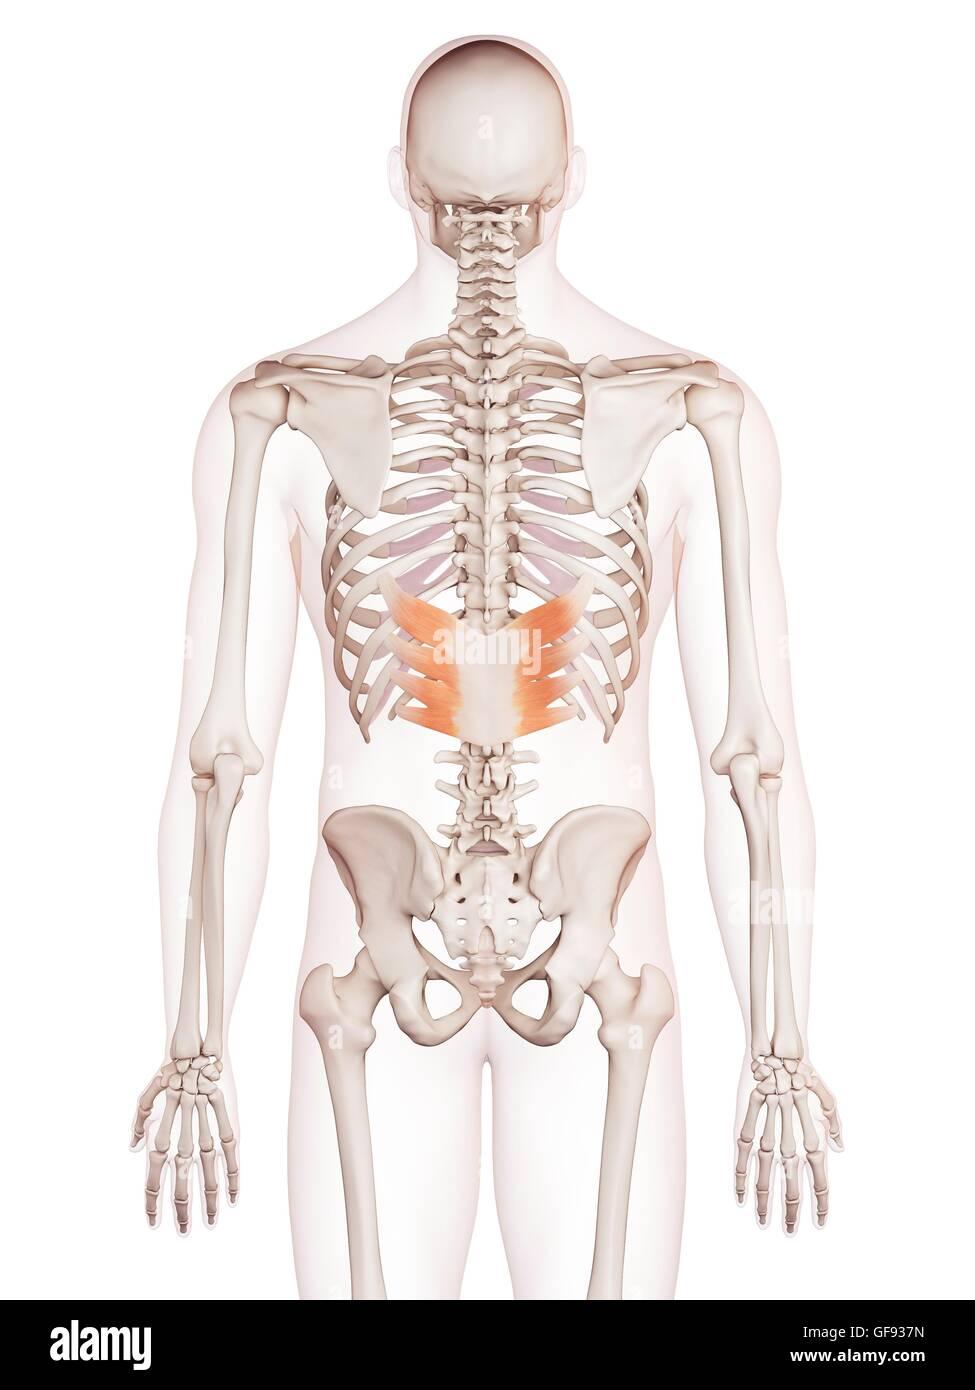 Fein Anatomie Der Rückenmuskulatur Im Menschlichen Körper Ideen ...